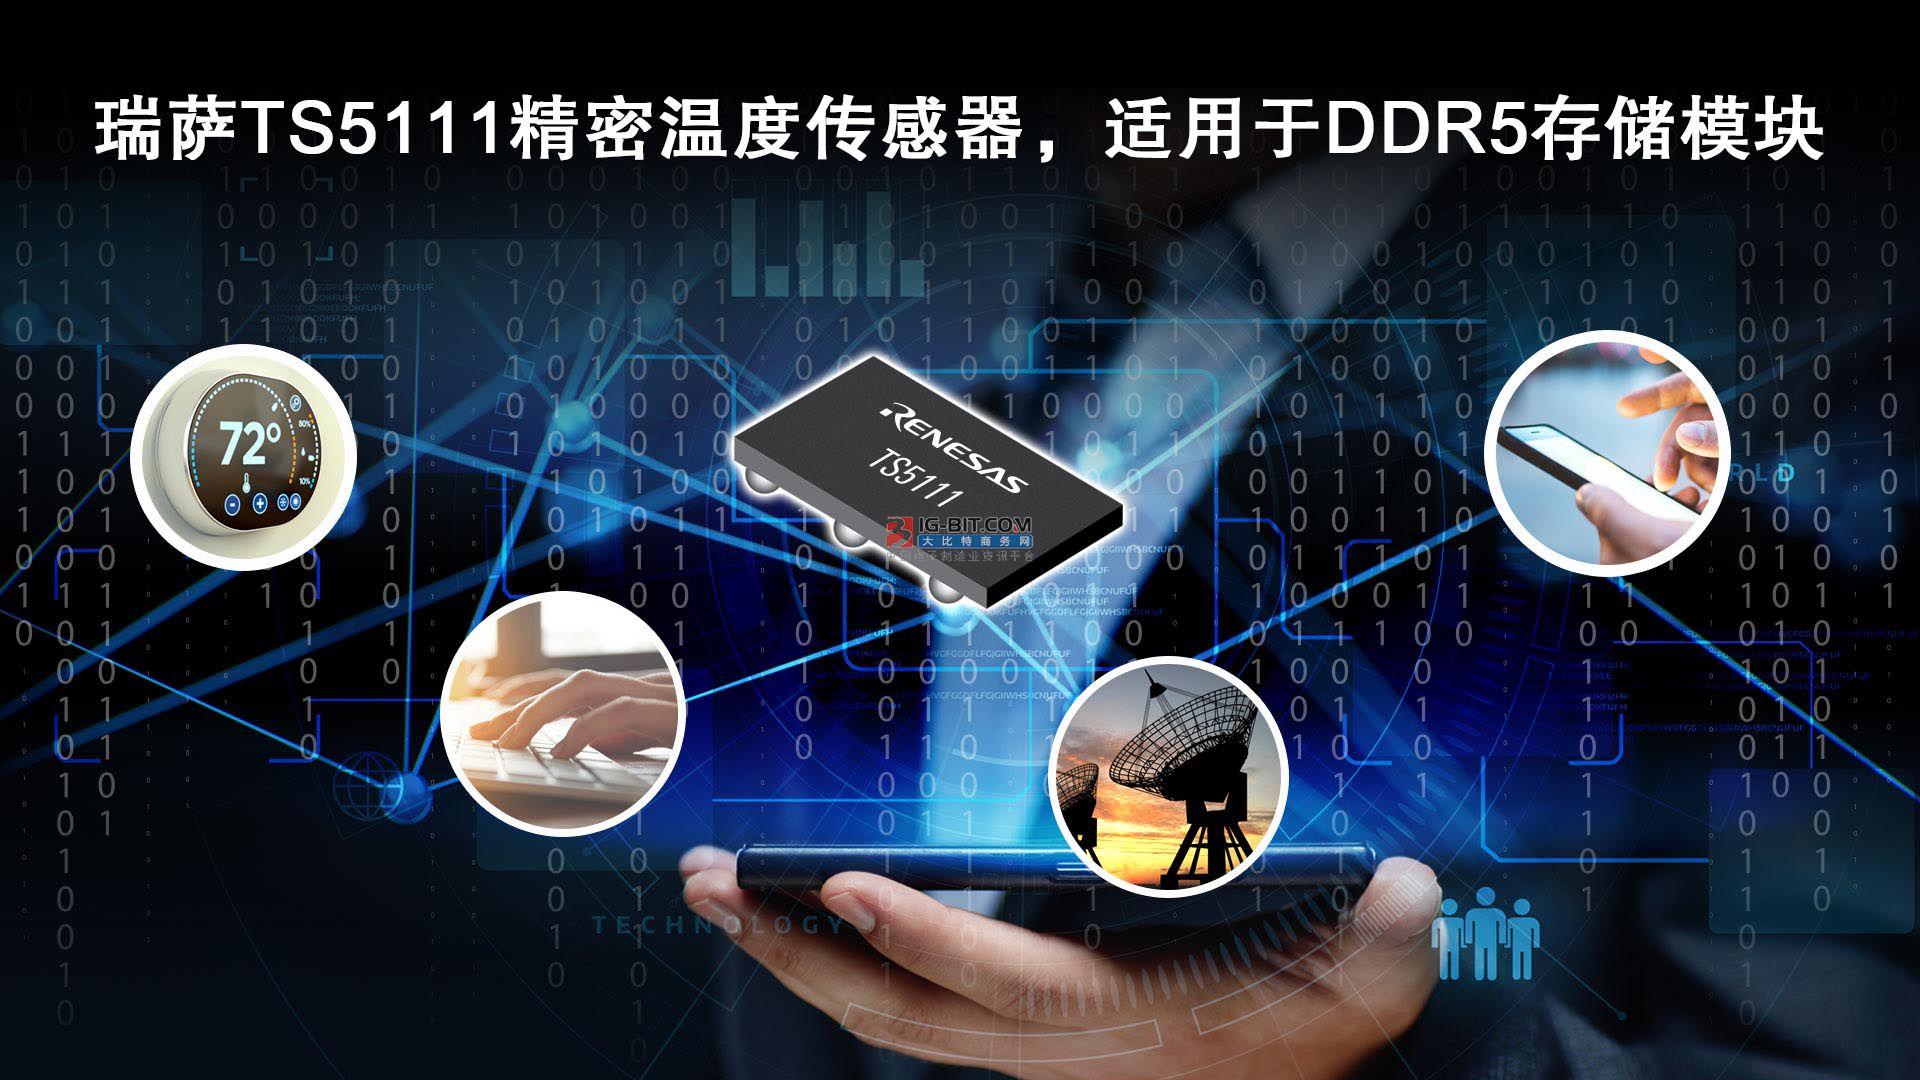 瑞薩電子推出符合JEDEC標準的精密溫度傳感器  適用于DDR5存儲模塊